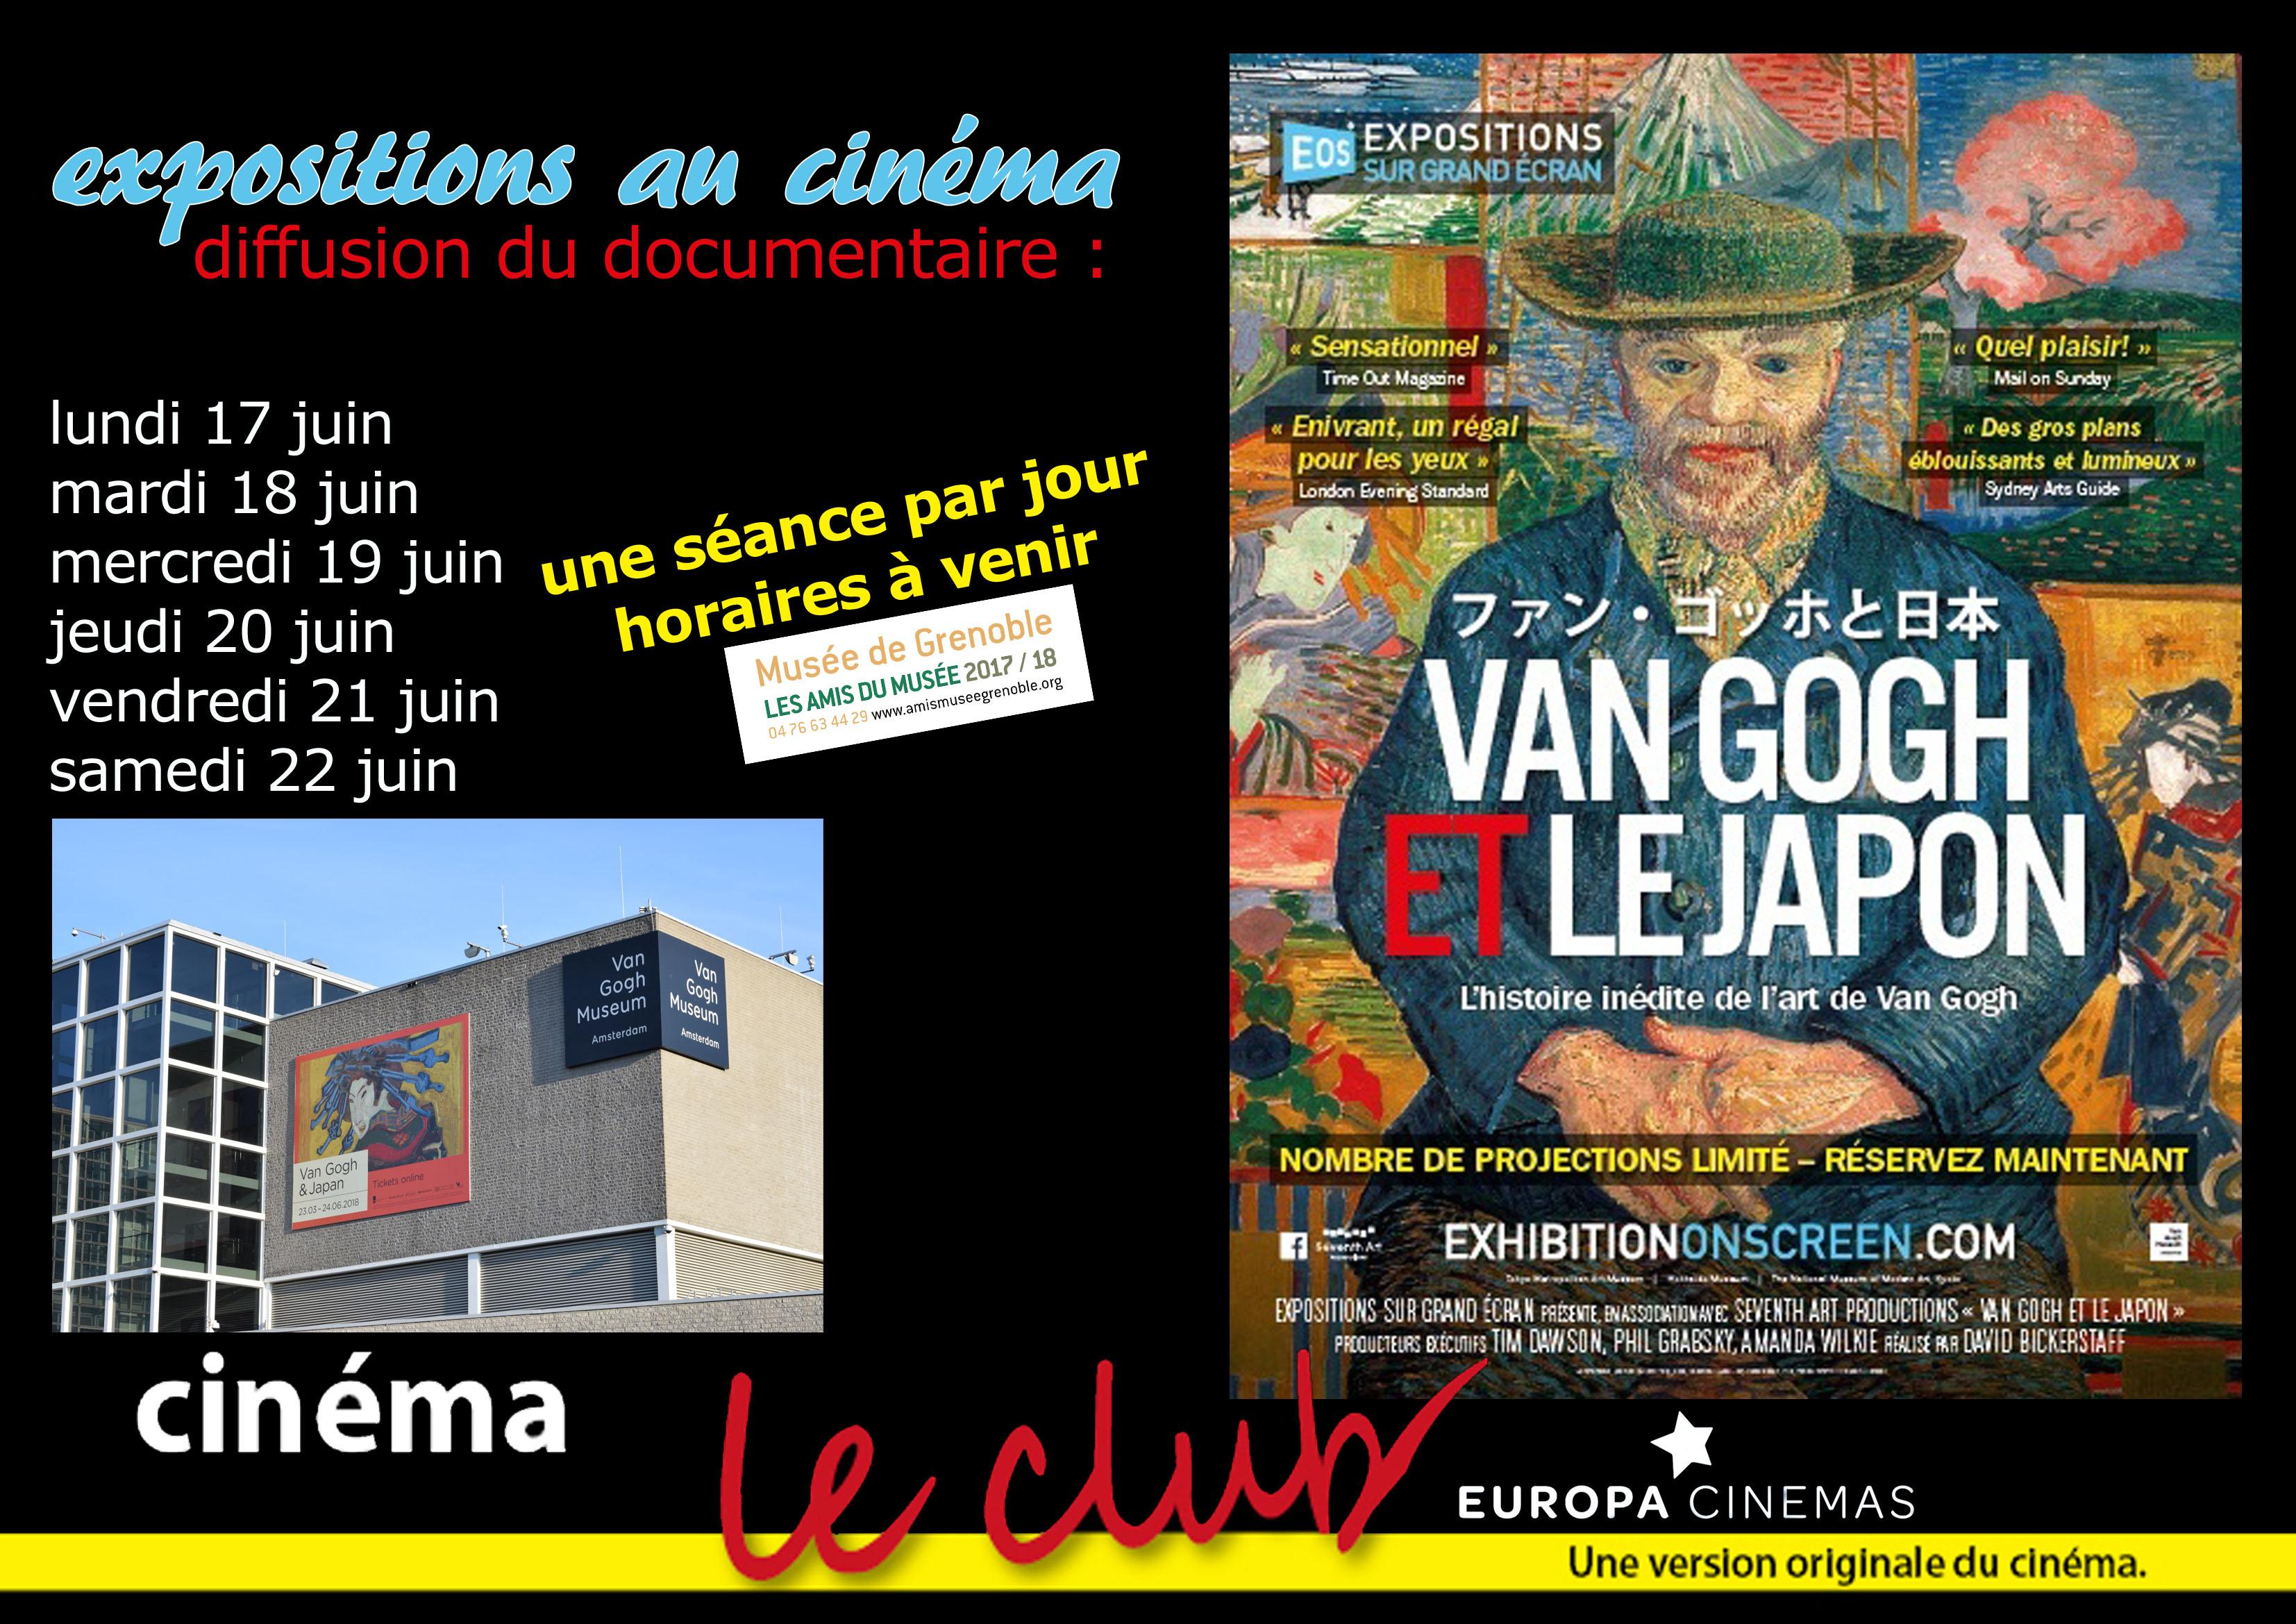 WA DE OMAR GRATUITEMENT 3 TÉLÉCHARGER GRATUIT FILM SALMA